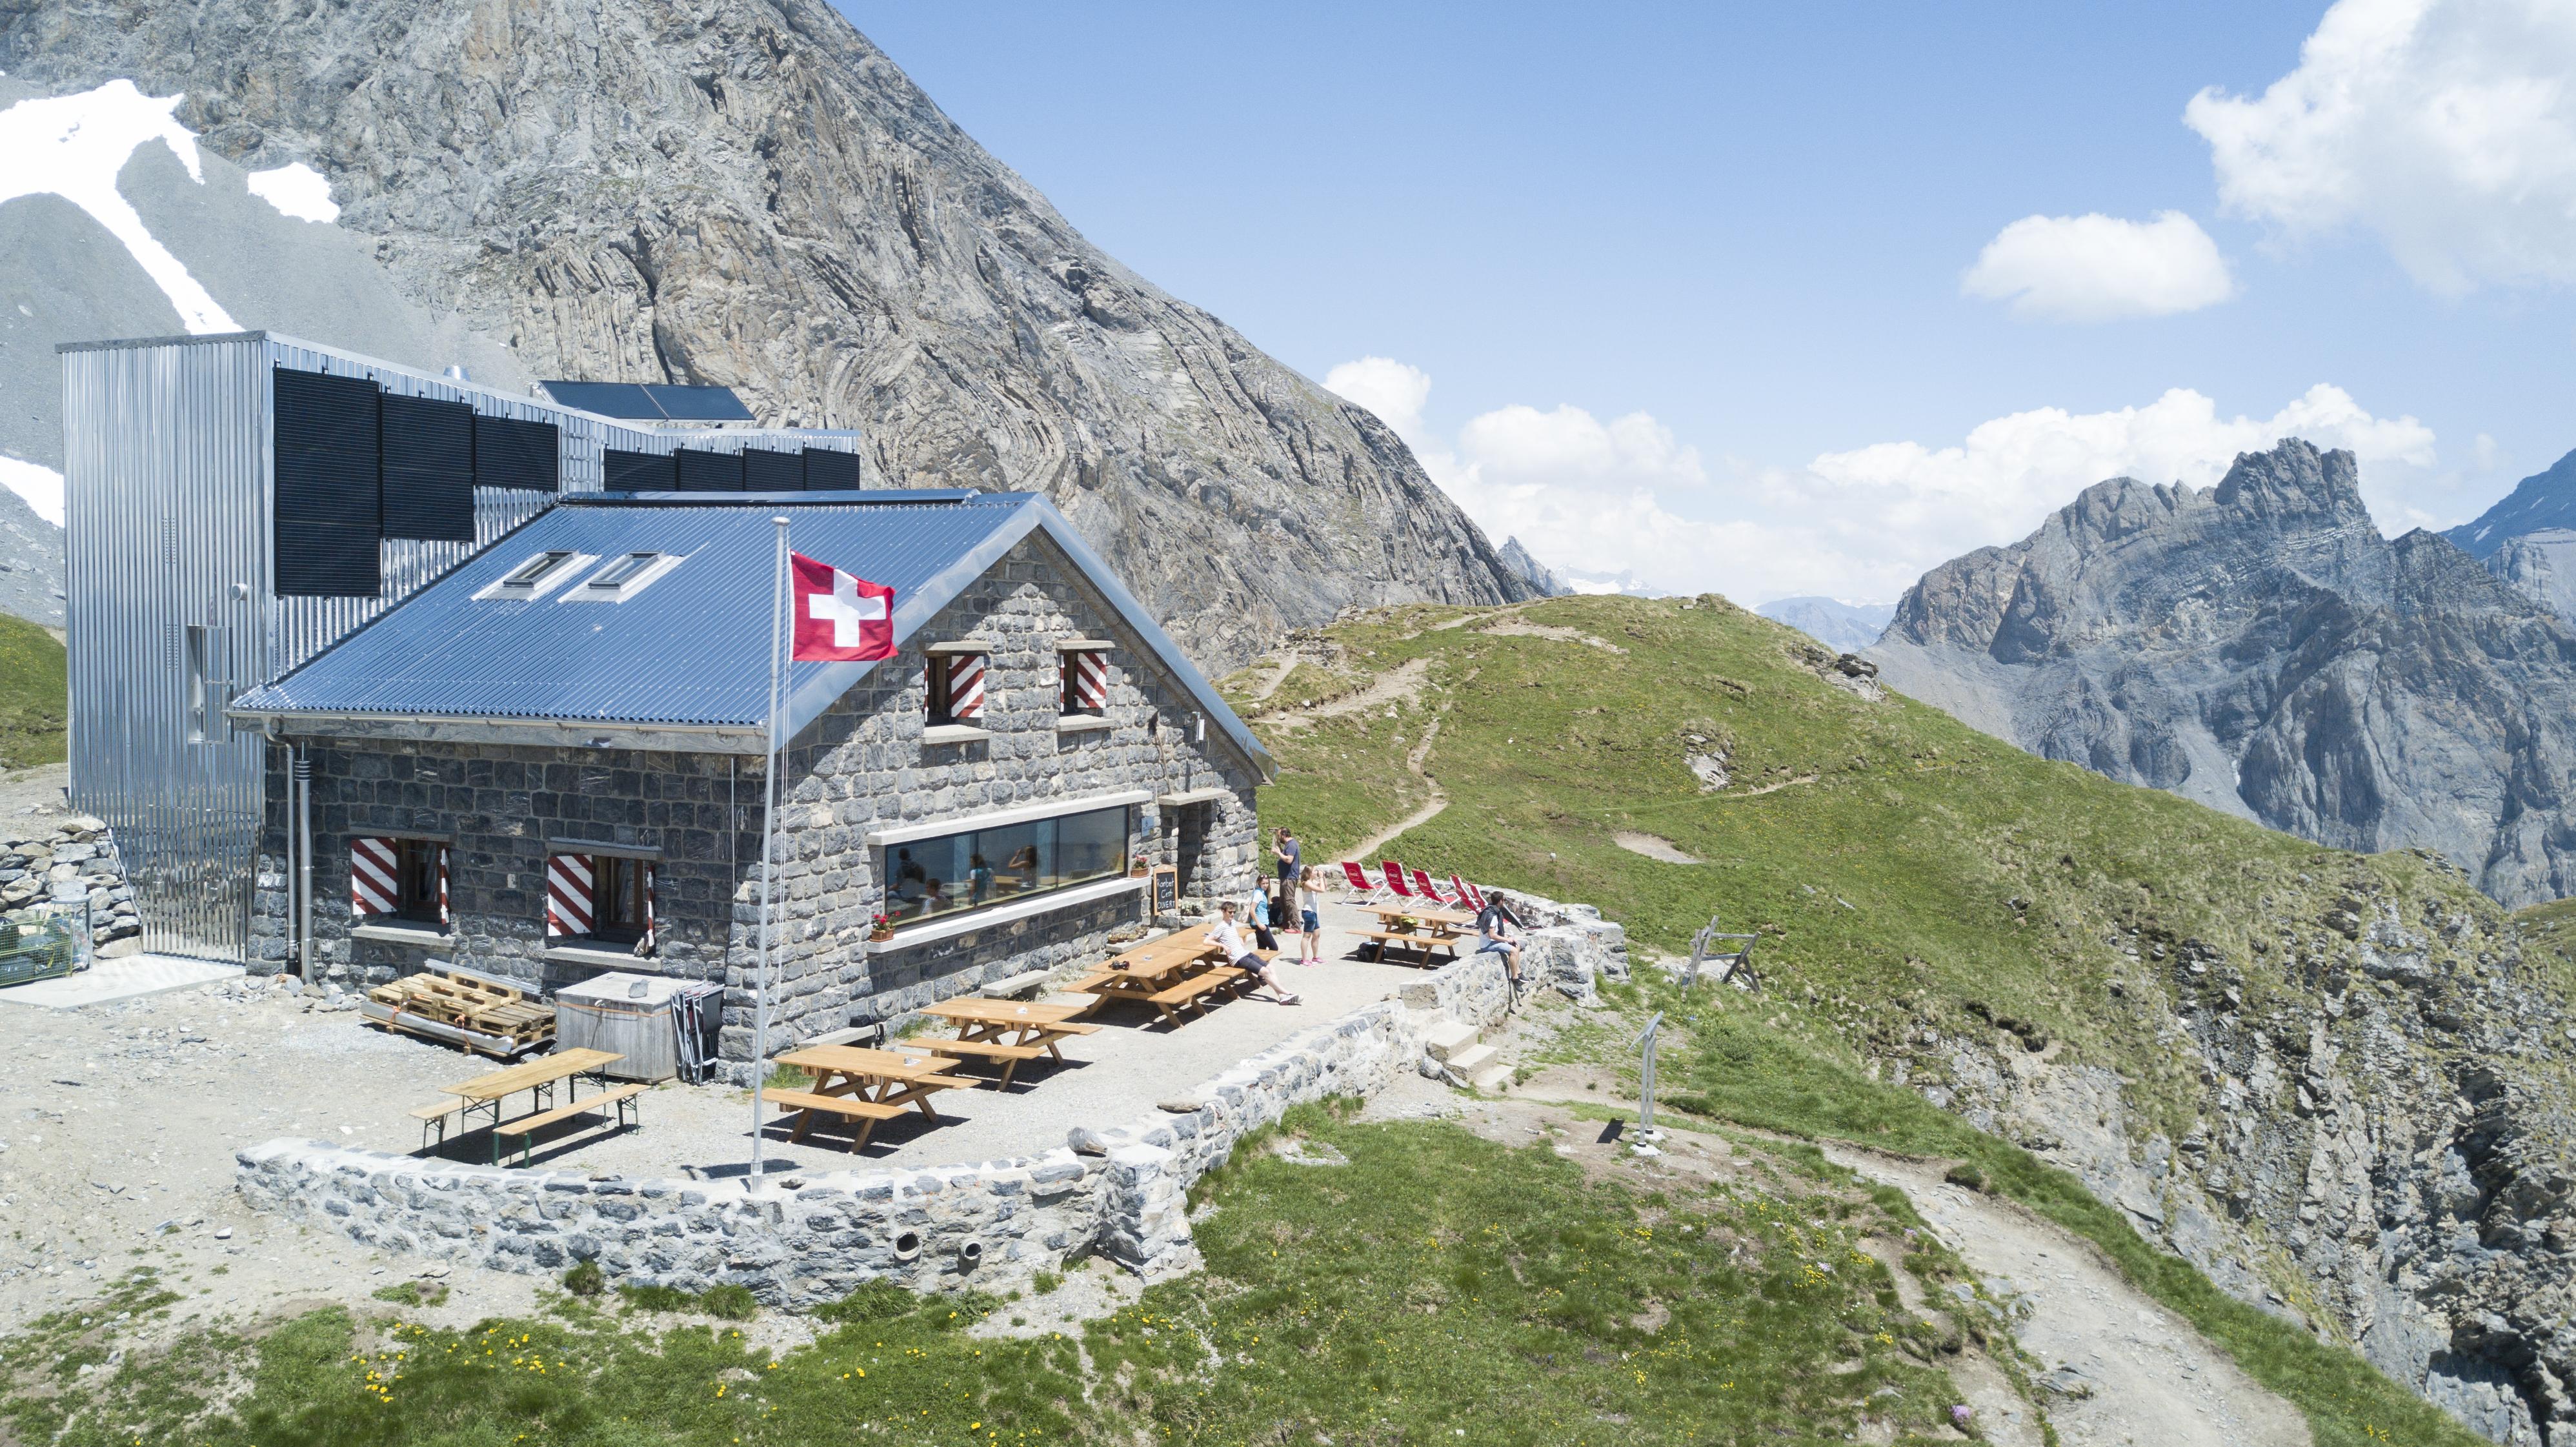 Les plus belles cabanes de montagne de Suisse - Cabane Rambert à Ovronnaz, Valais